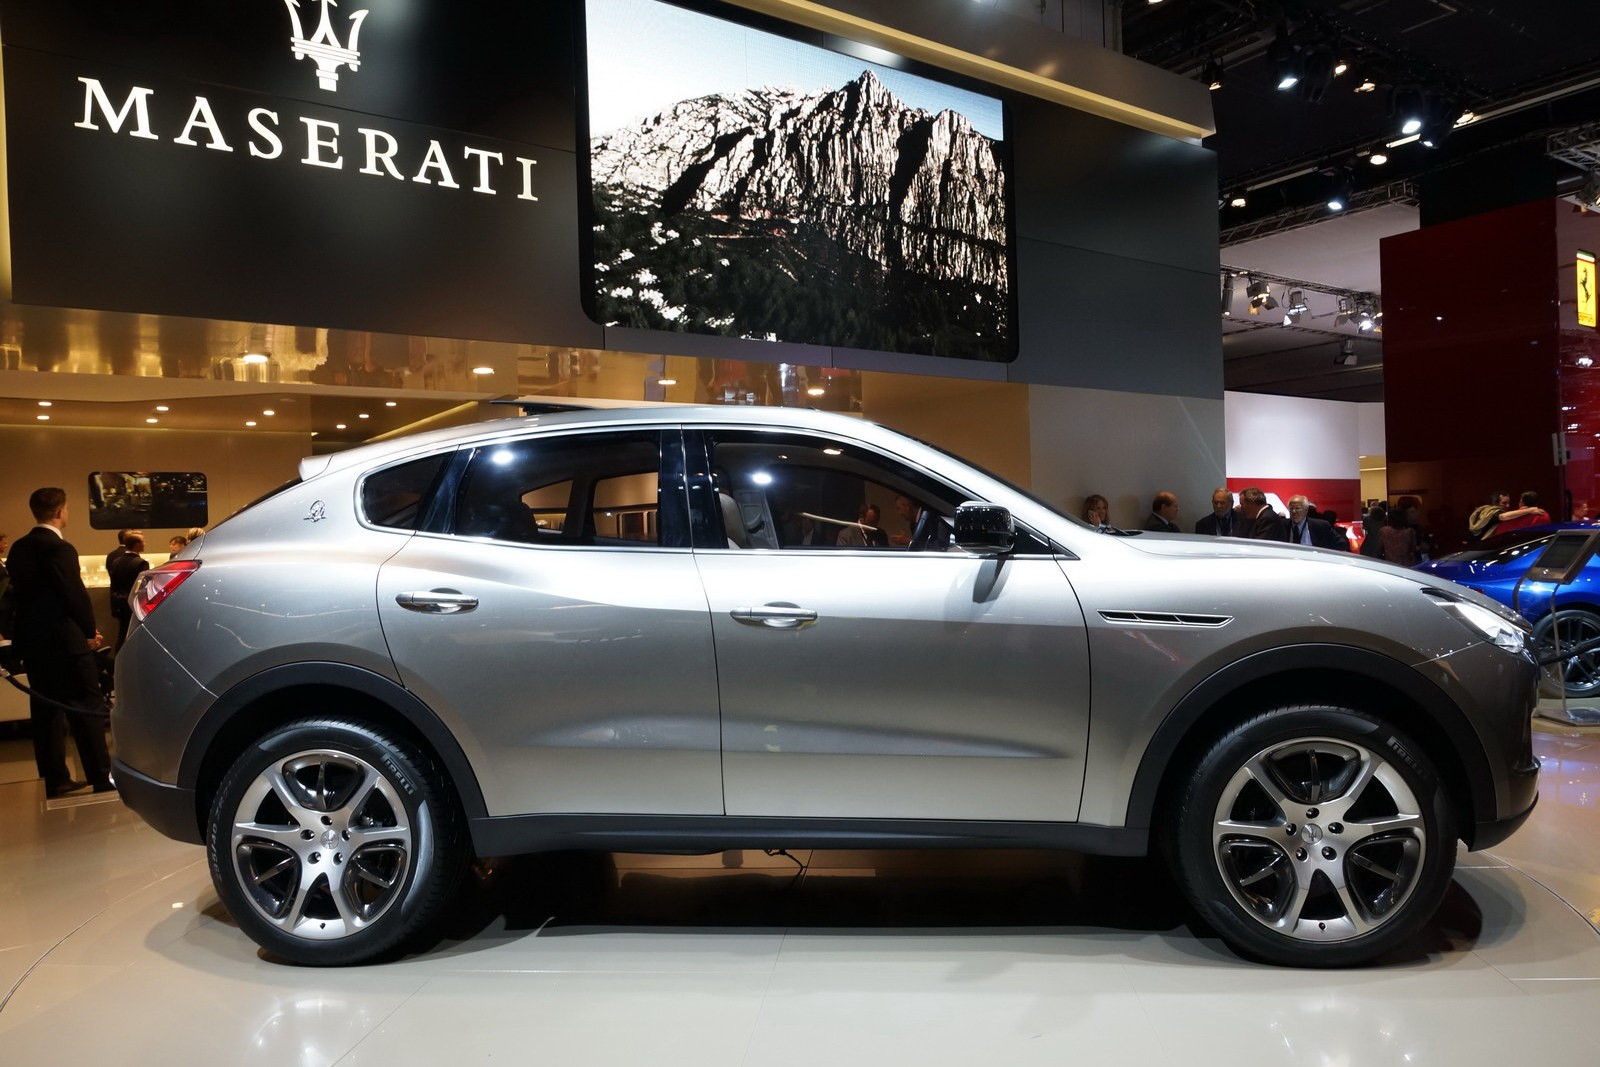 На всеобщее обозрение в сети интернет выставлен новый кроссовер Maserati Kubang